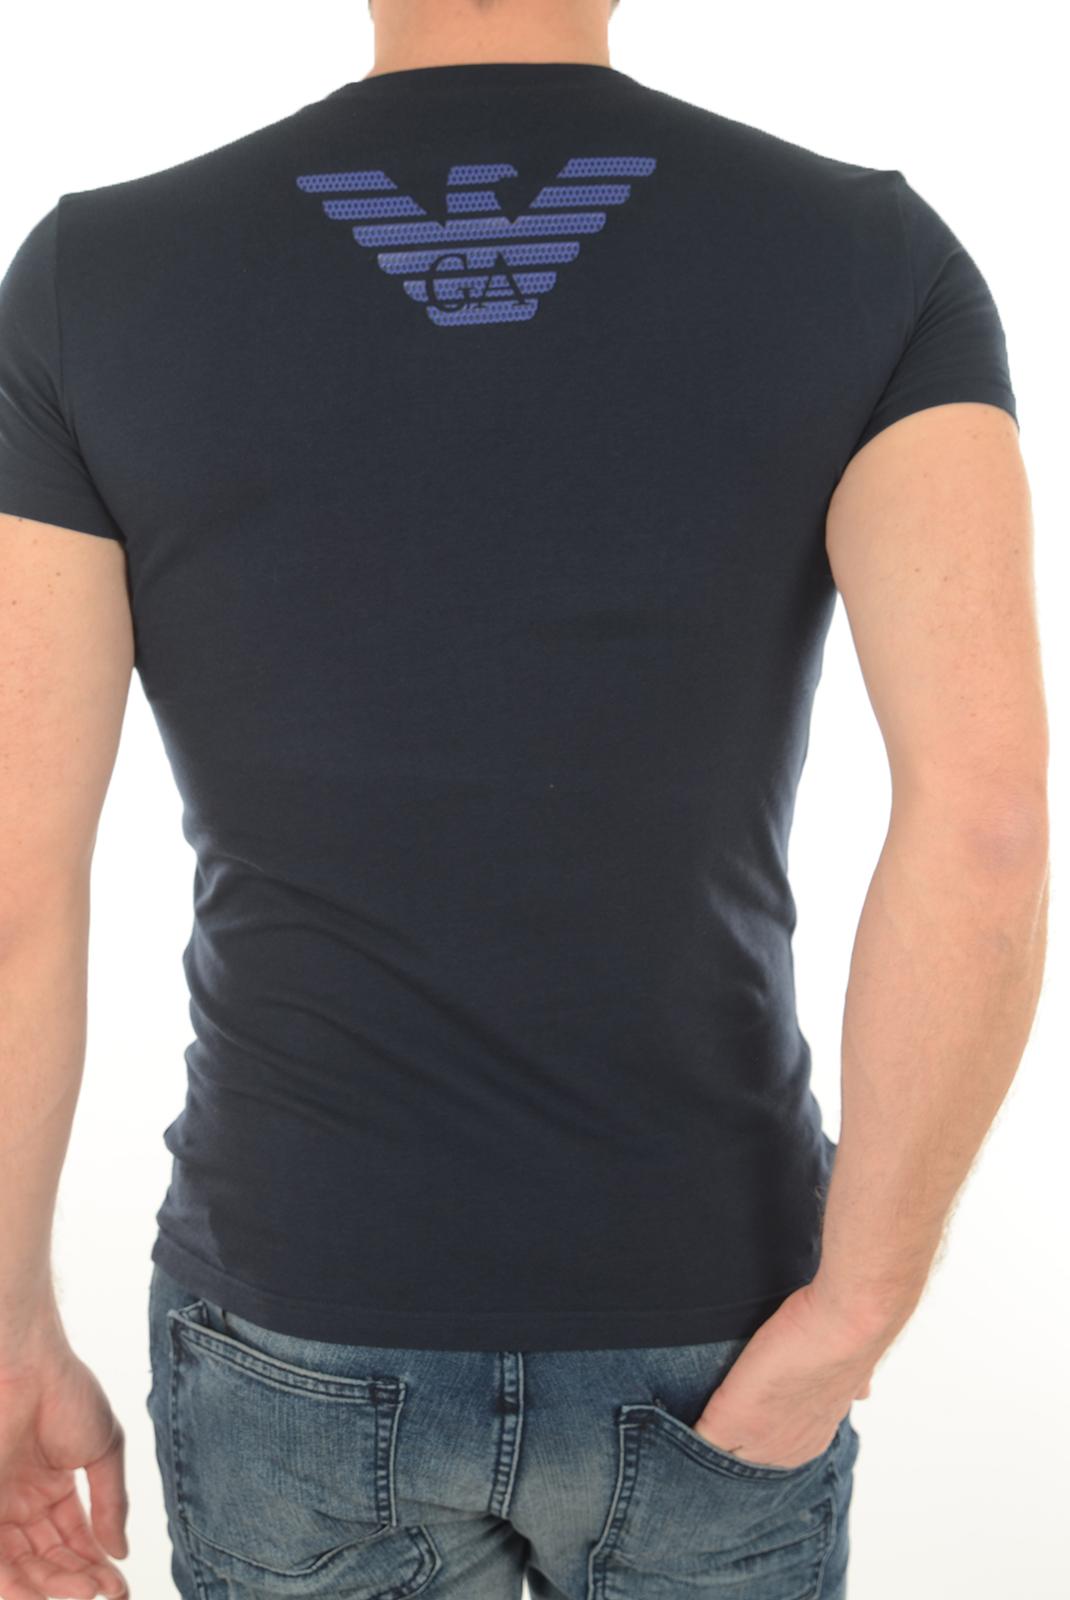 Tee-shirts manches courtes  Emporio armani 111035 6A745 0135 BLEU